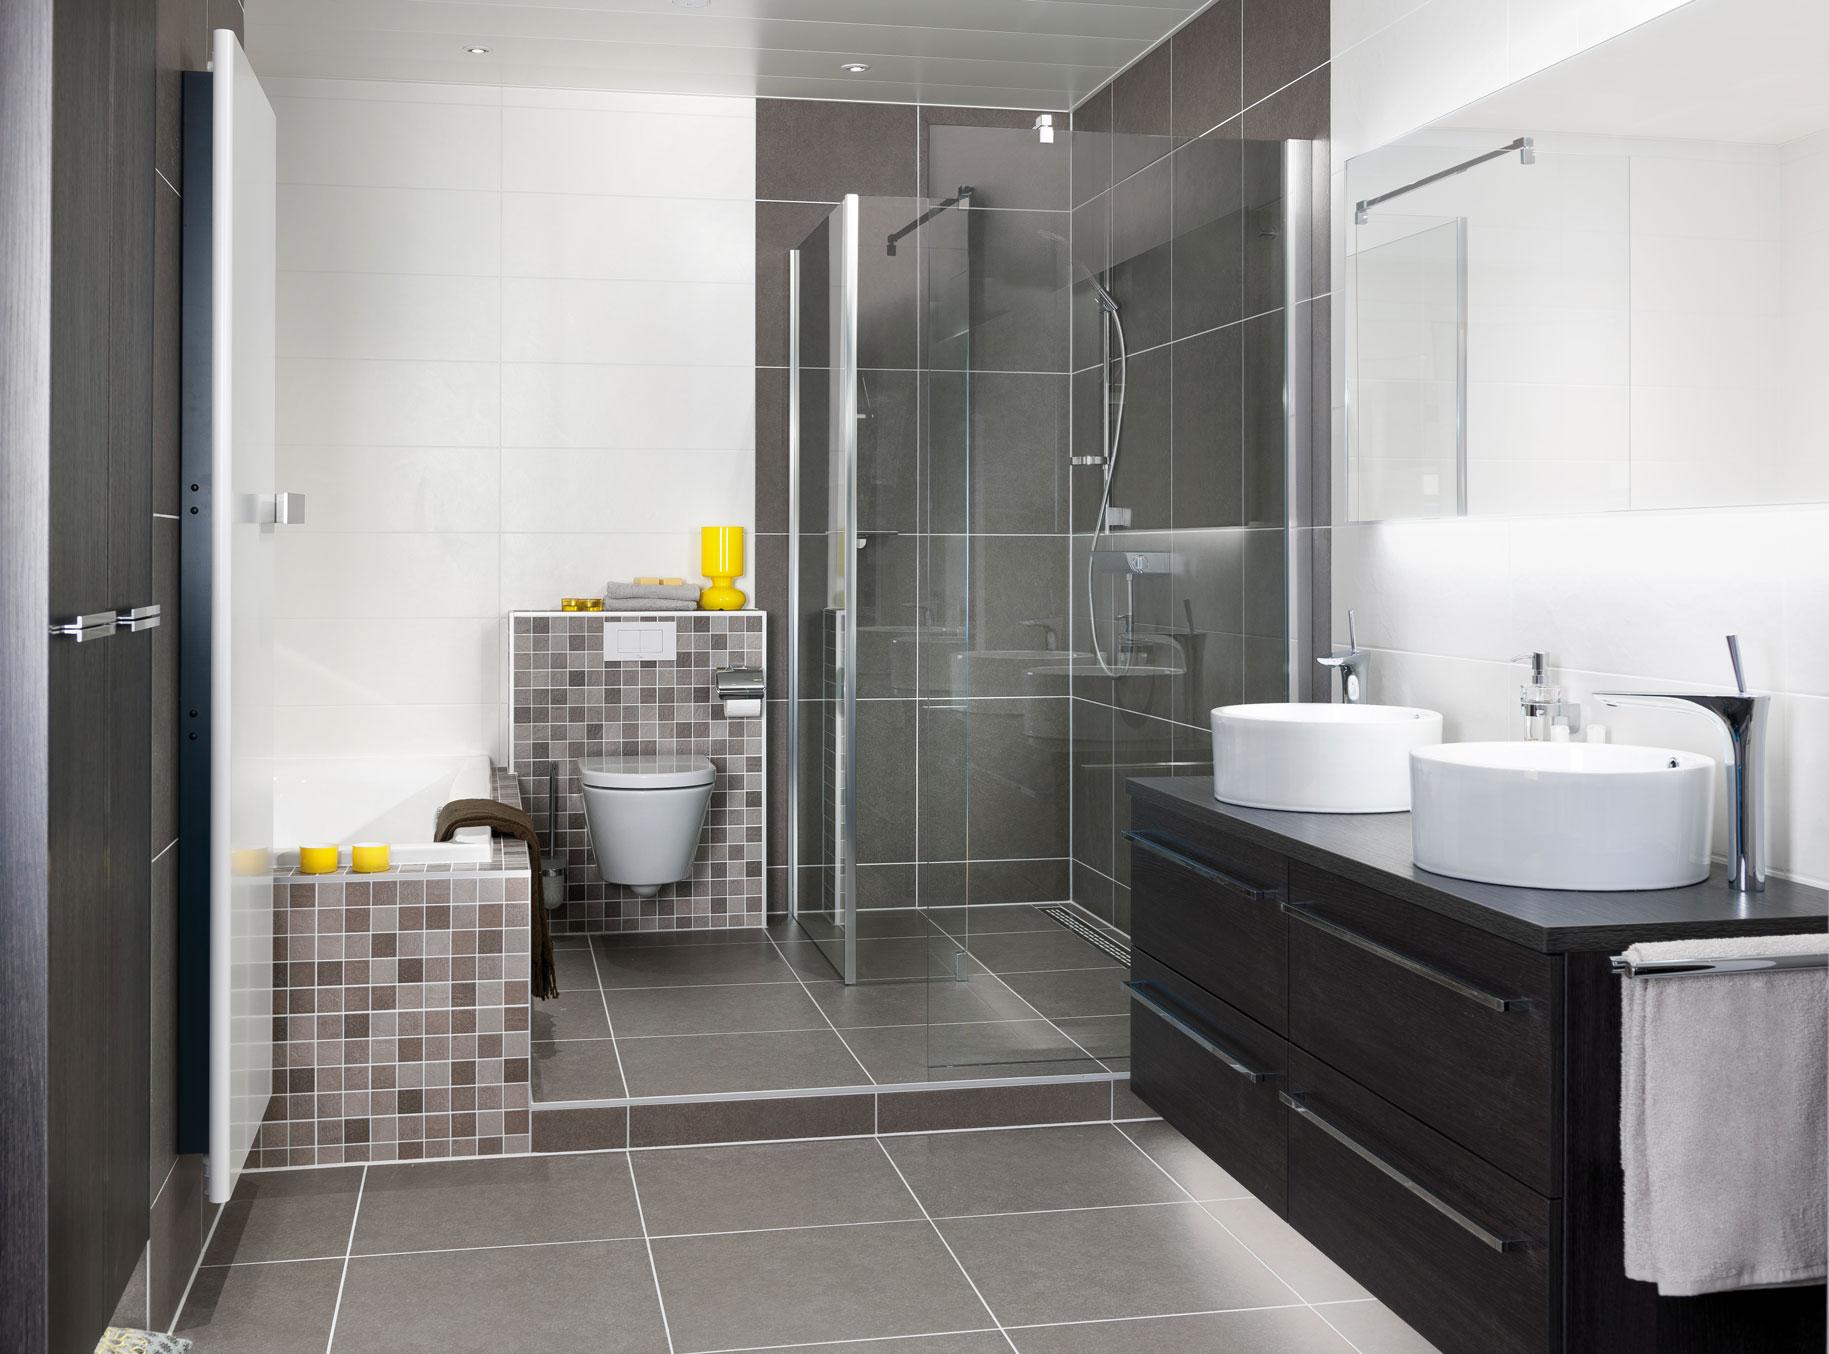 Complete badkamers voor elke stijl - Nieuws Startpagina voor badkamer ...